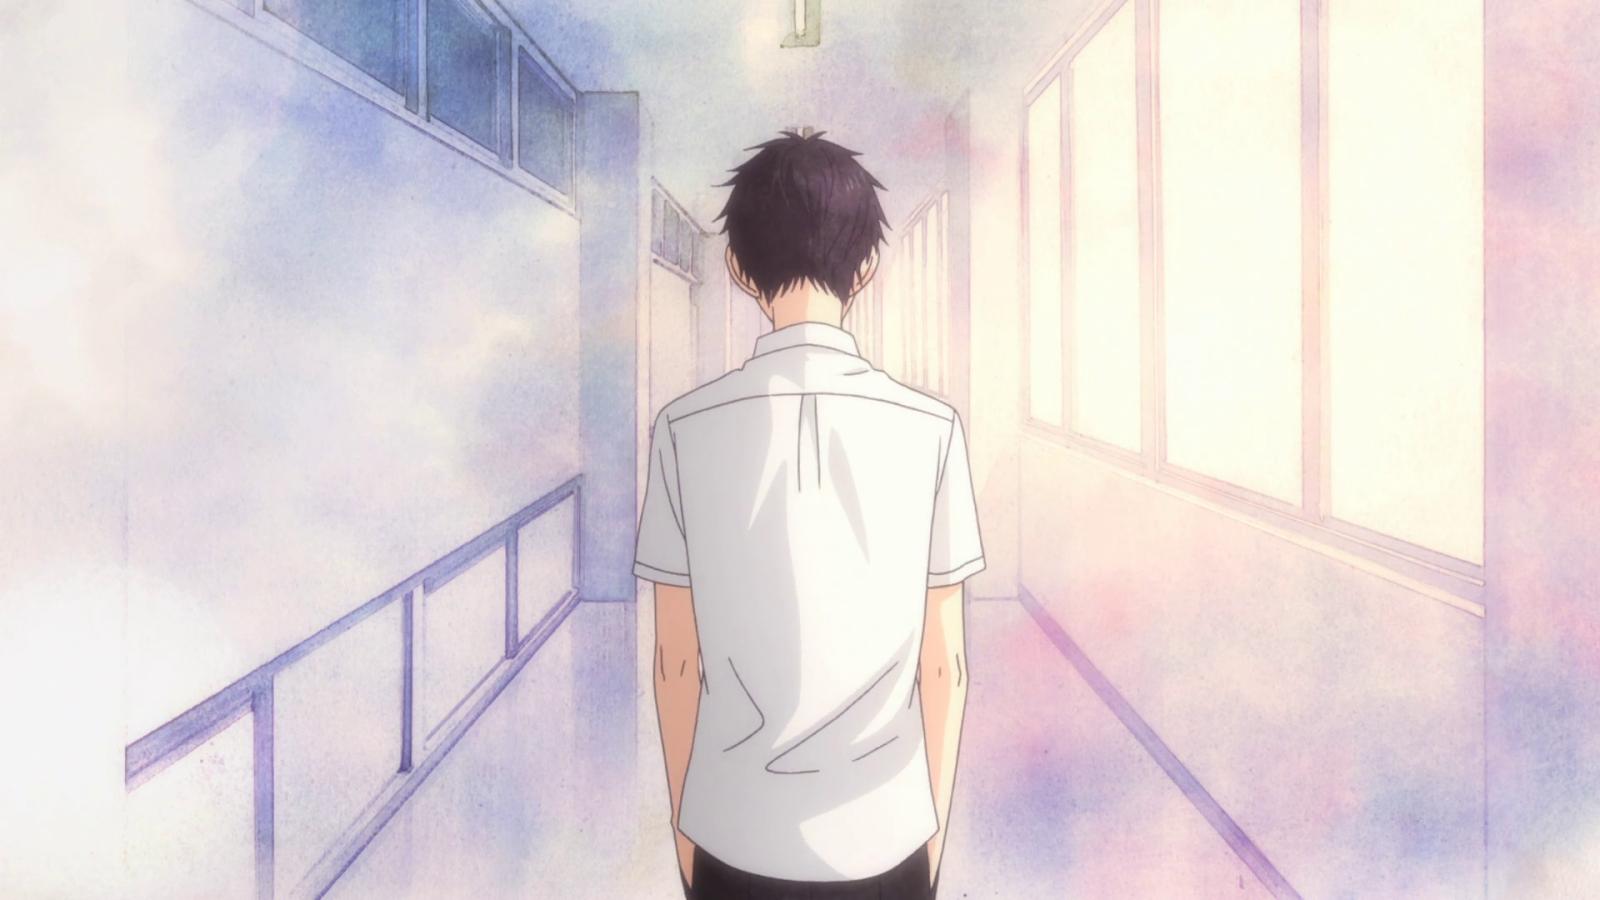 Anime Back View Walking Google Search